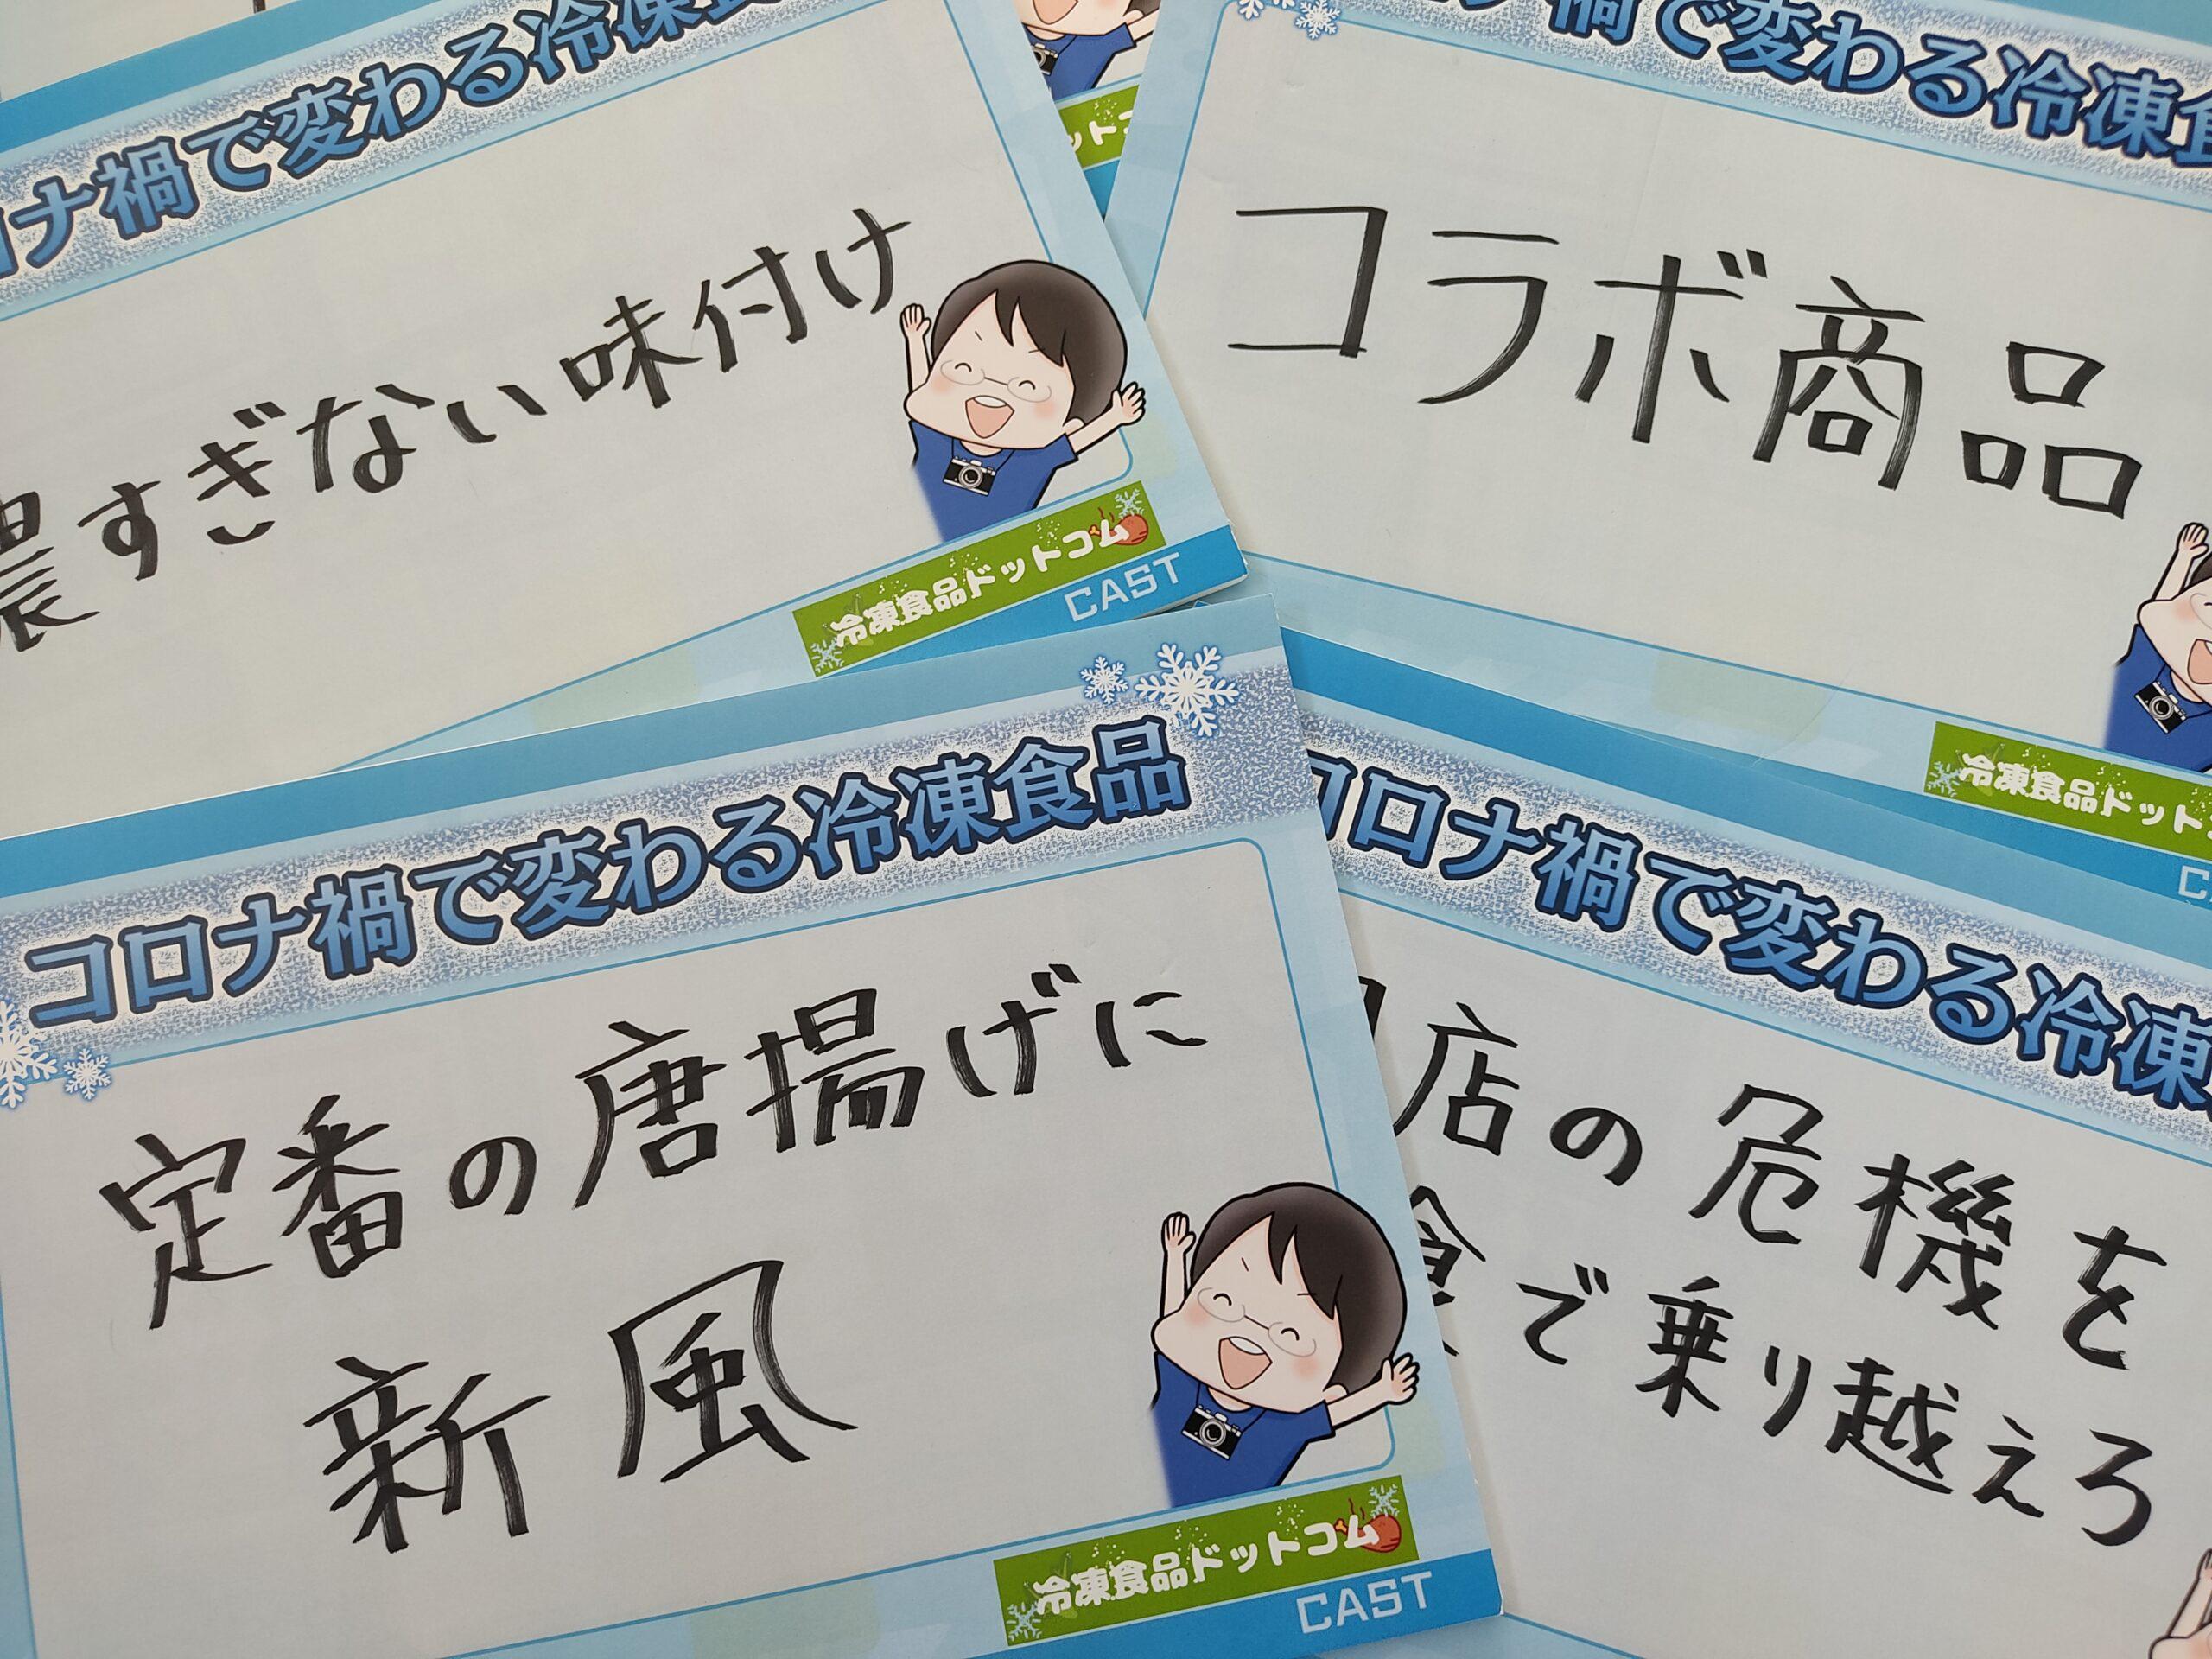 大阪ABCテレビ「CAST(キャスト)」に冷凍食品ドットコム「ノビ」が出演した際に使用したフリップの写真